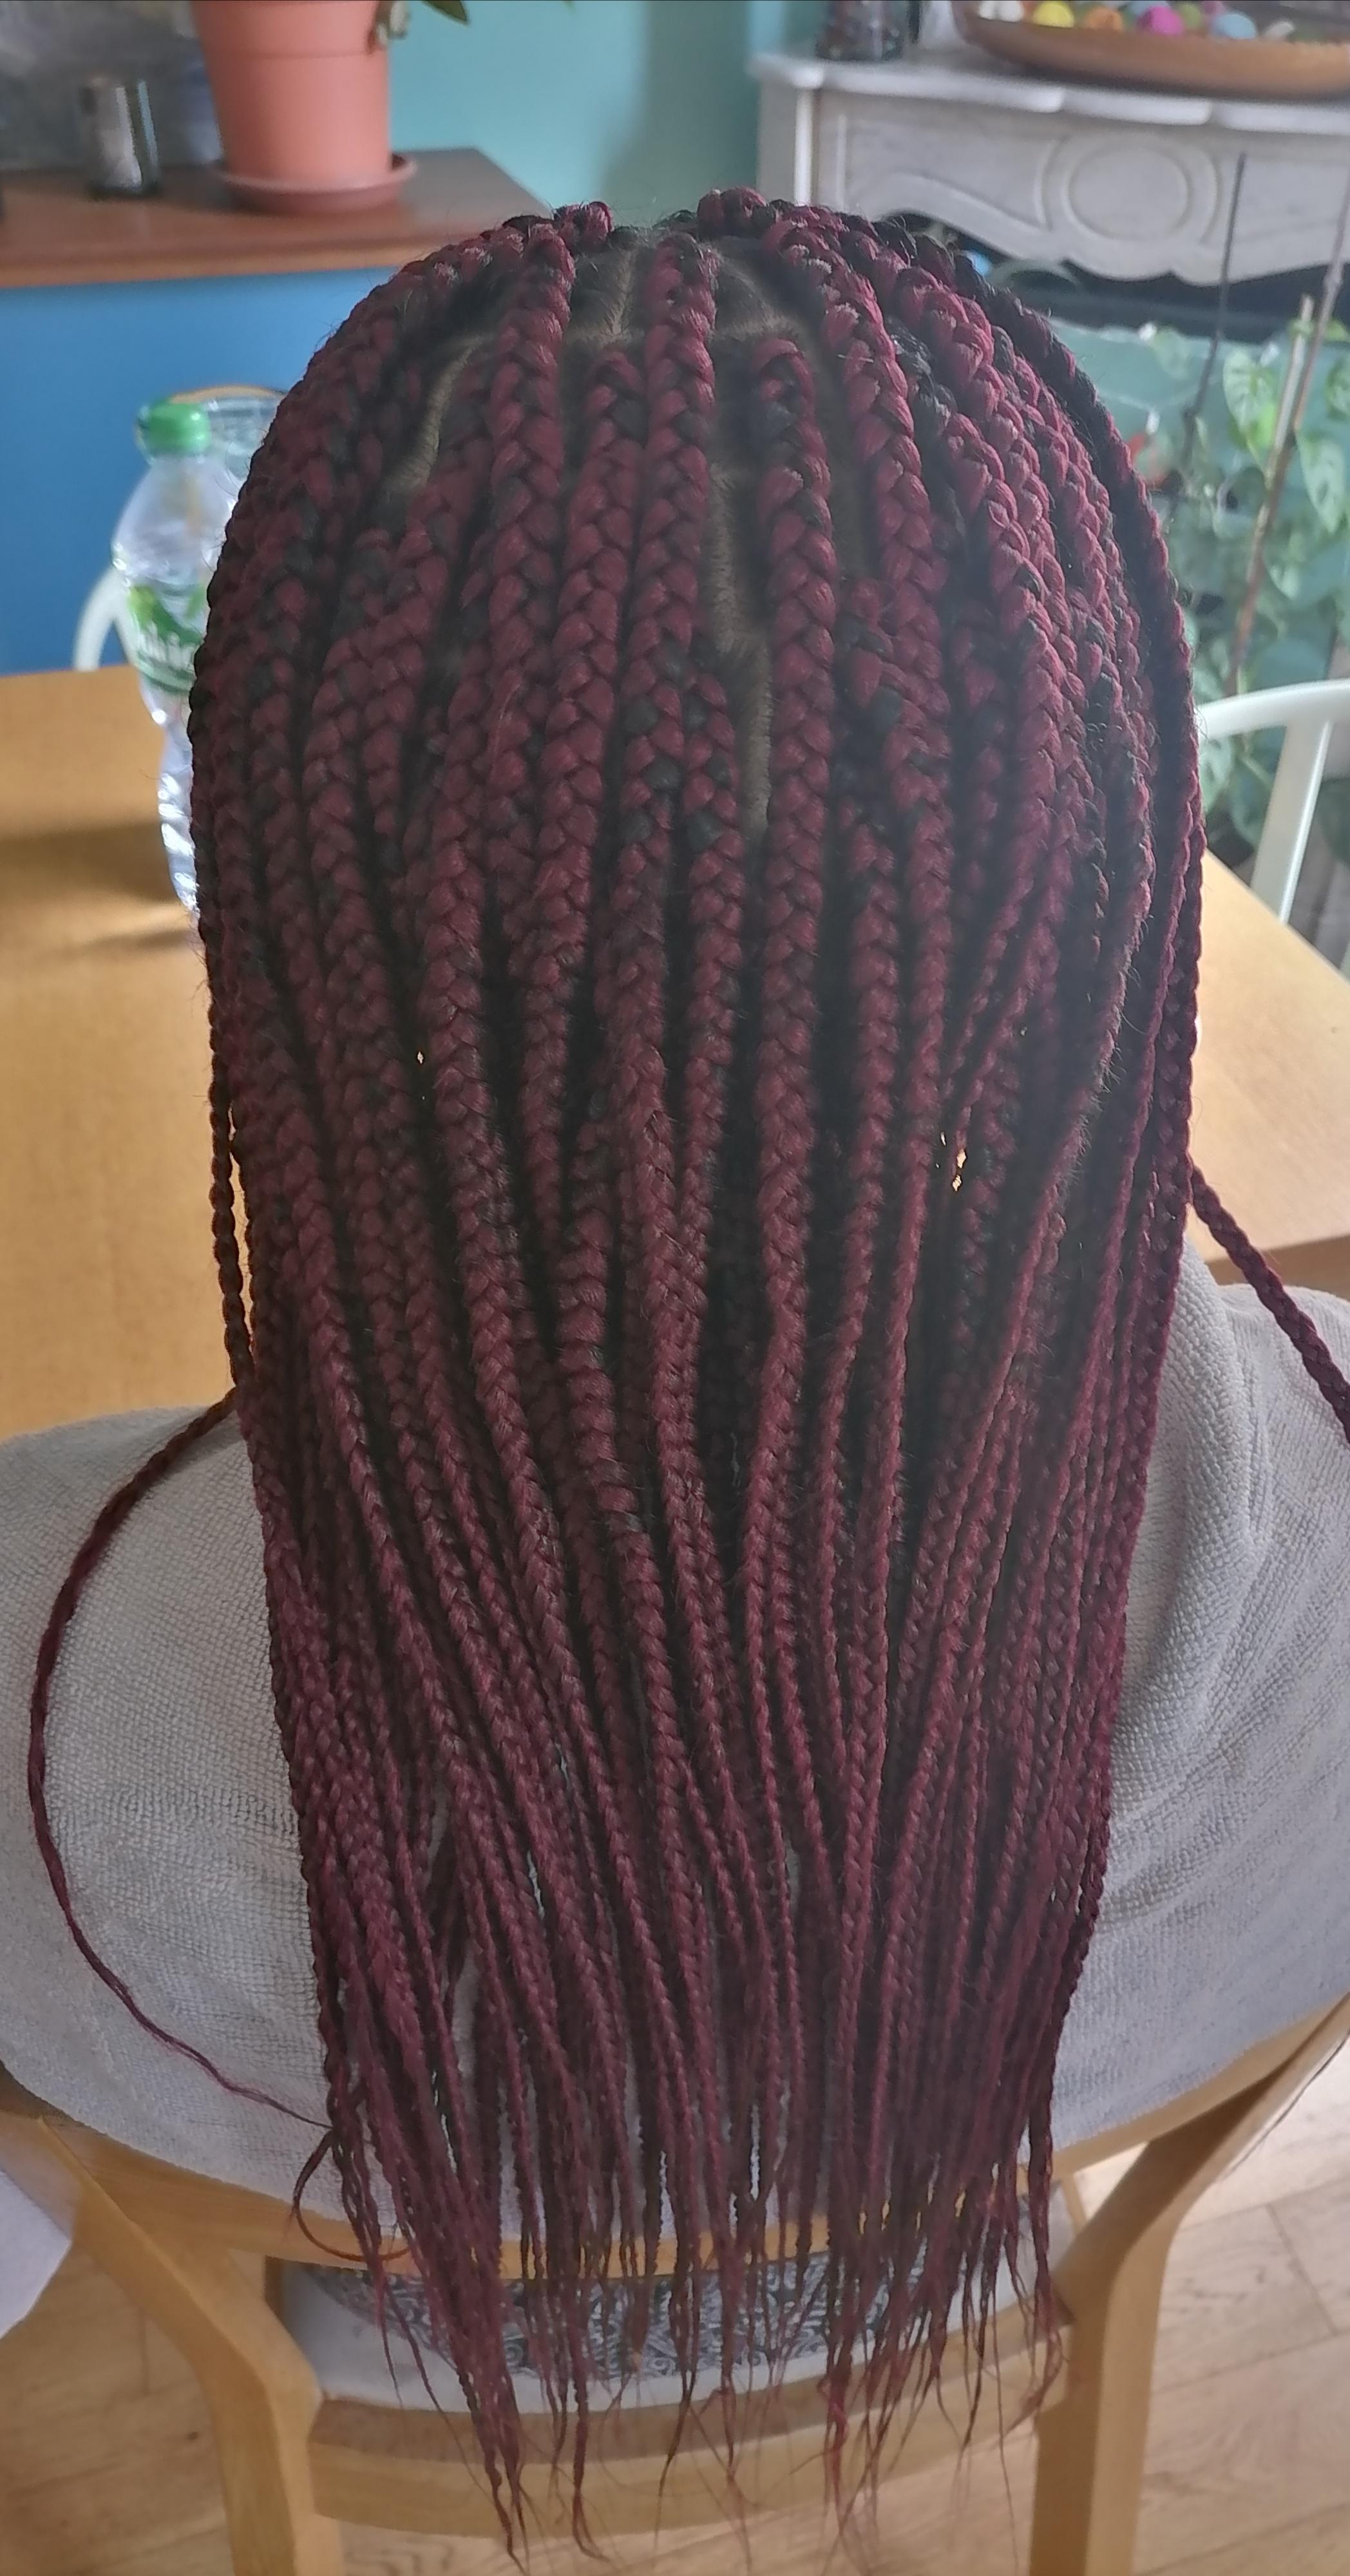 salon de coiffure afro tresse tresses box braids crochet braids vanilles tissages paris 75 77 78 91 92 93 94 95 OPQEINHZ